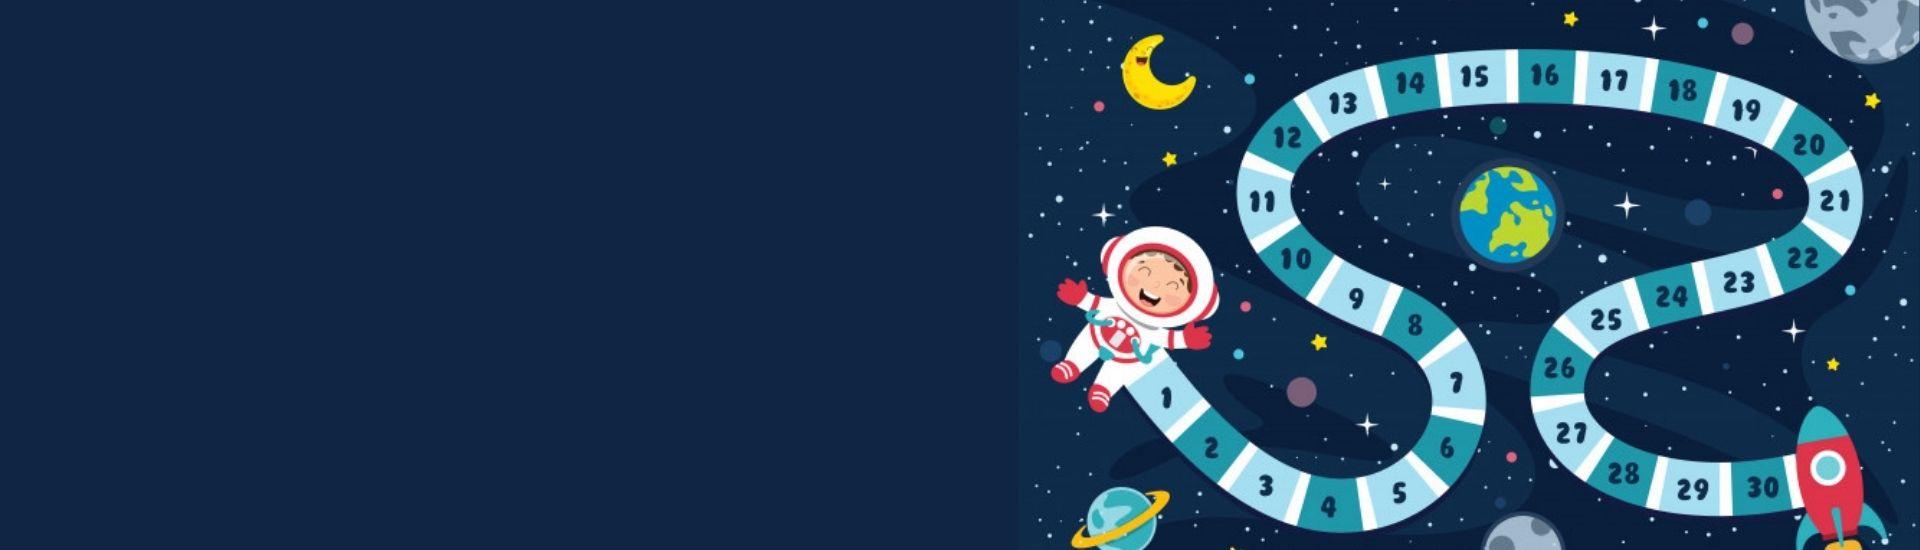 En la imagen se ve una ilustración de un juego de mesa ambientado en el espacio exterior